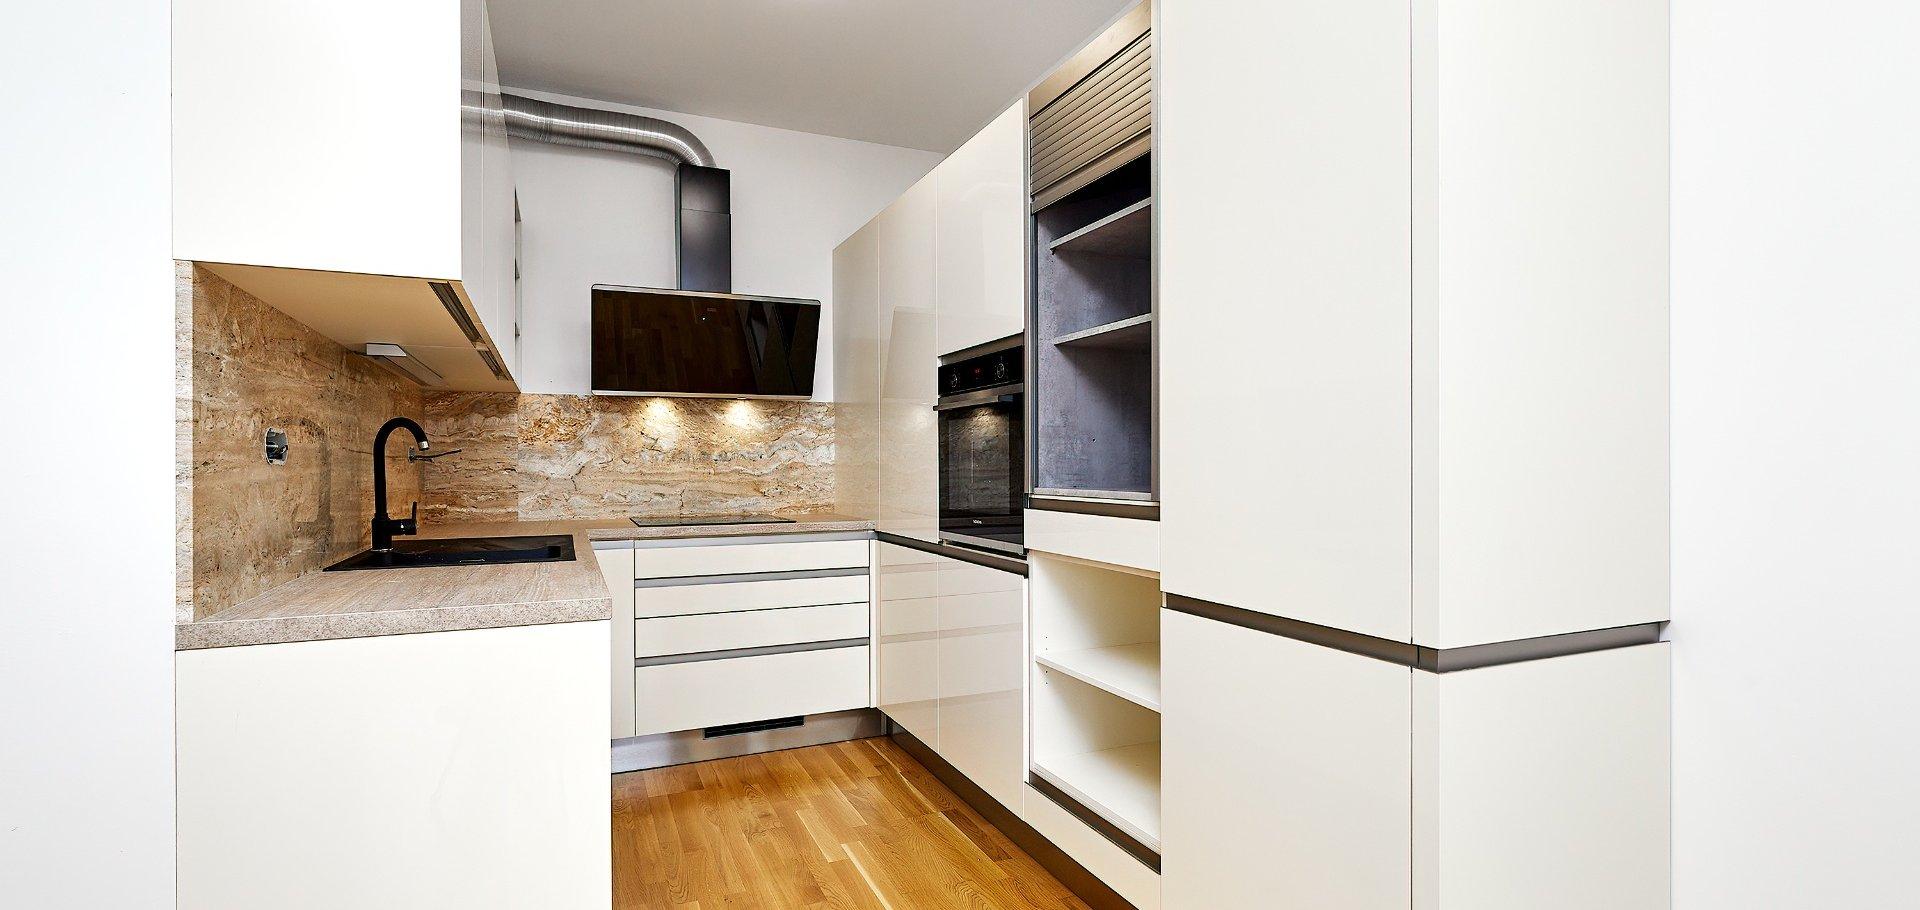 Pronájem moderního bytu 2+kk s balkonem, 57m², Praha - Holešovice